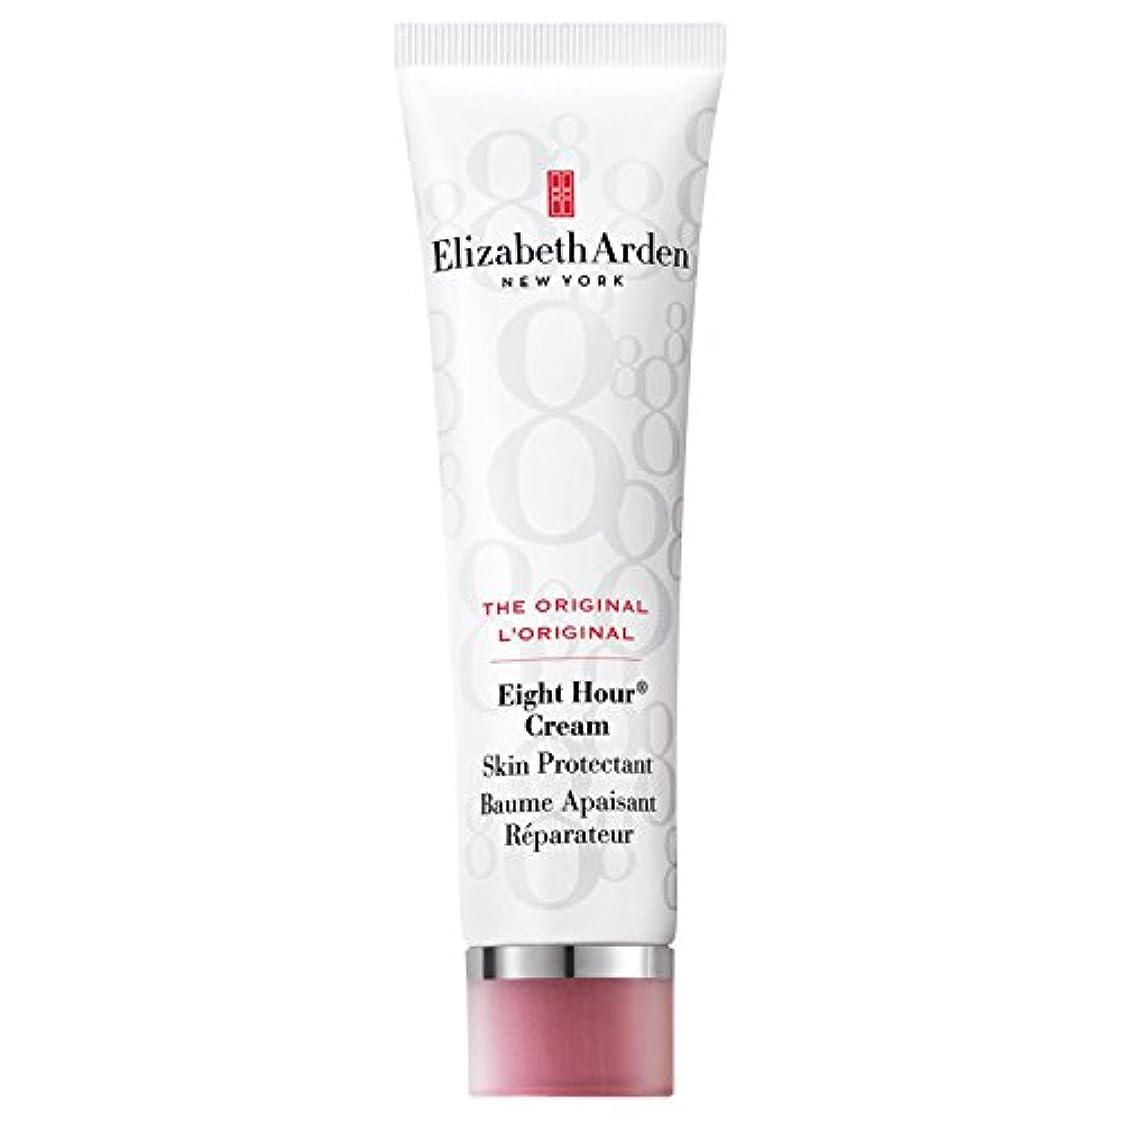 シャーロットブロンテ発行芽Elizabeth Arden Eight Hour? Cream Skin Protectant 30ml - エリザベスは8つの?クリーム皮膚保護30ミリリットルをアーデン [並行輸入品]